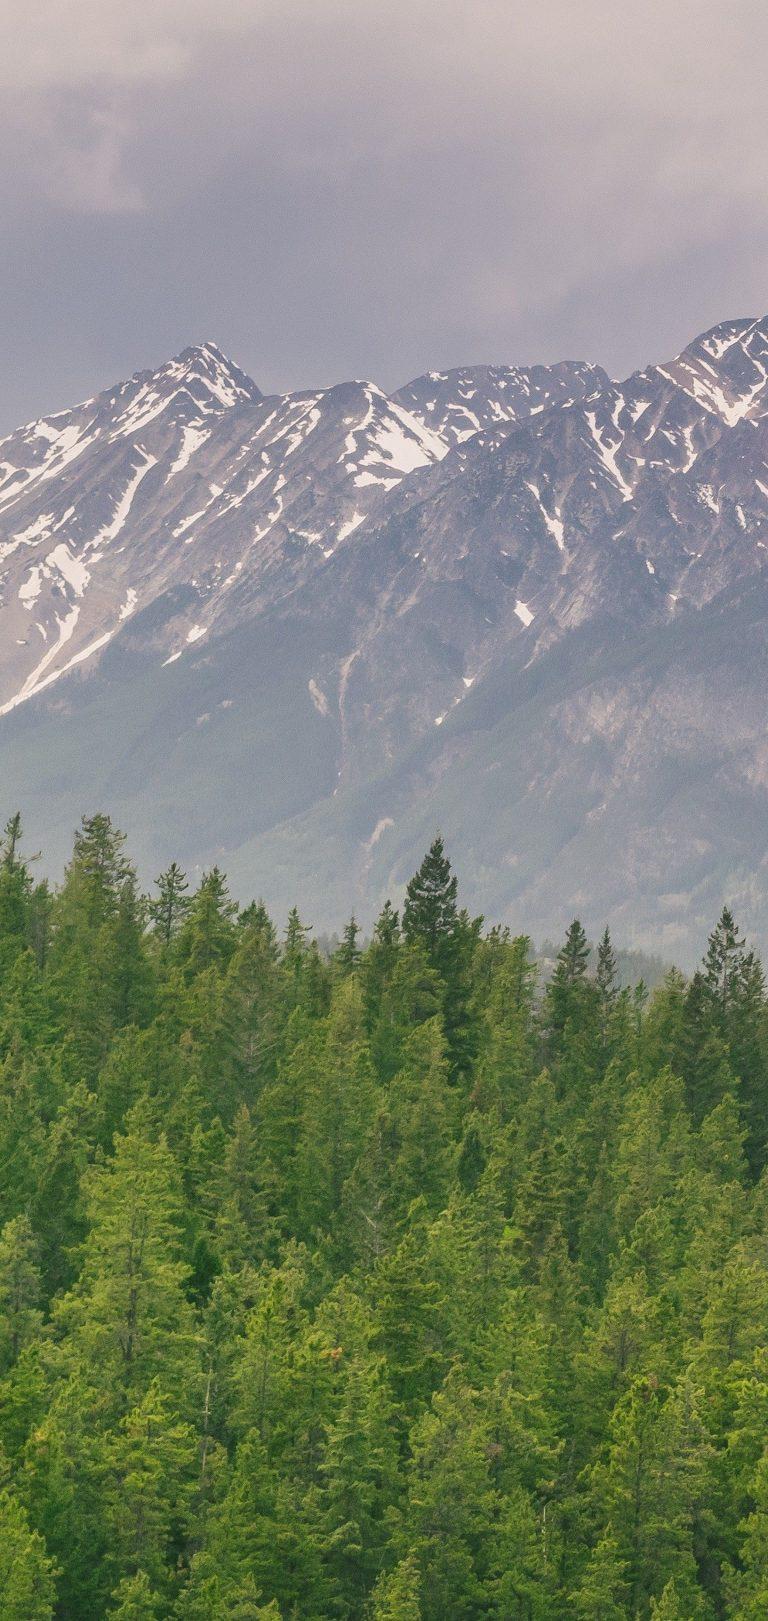 Mountains Hills Distance Wallpaper 1440x3040 768x1621